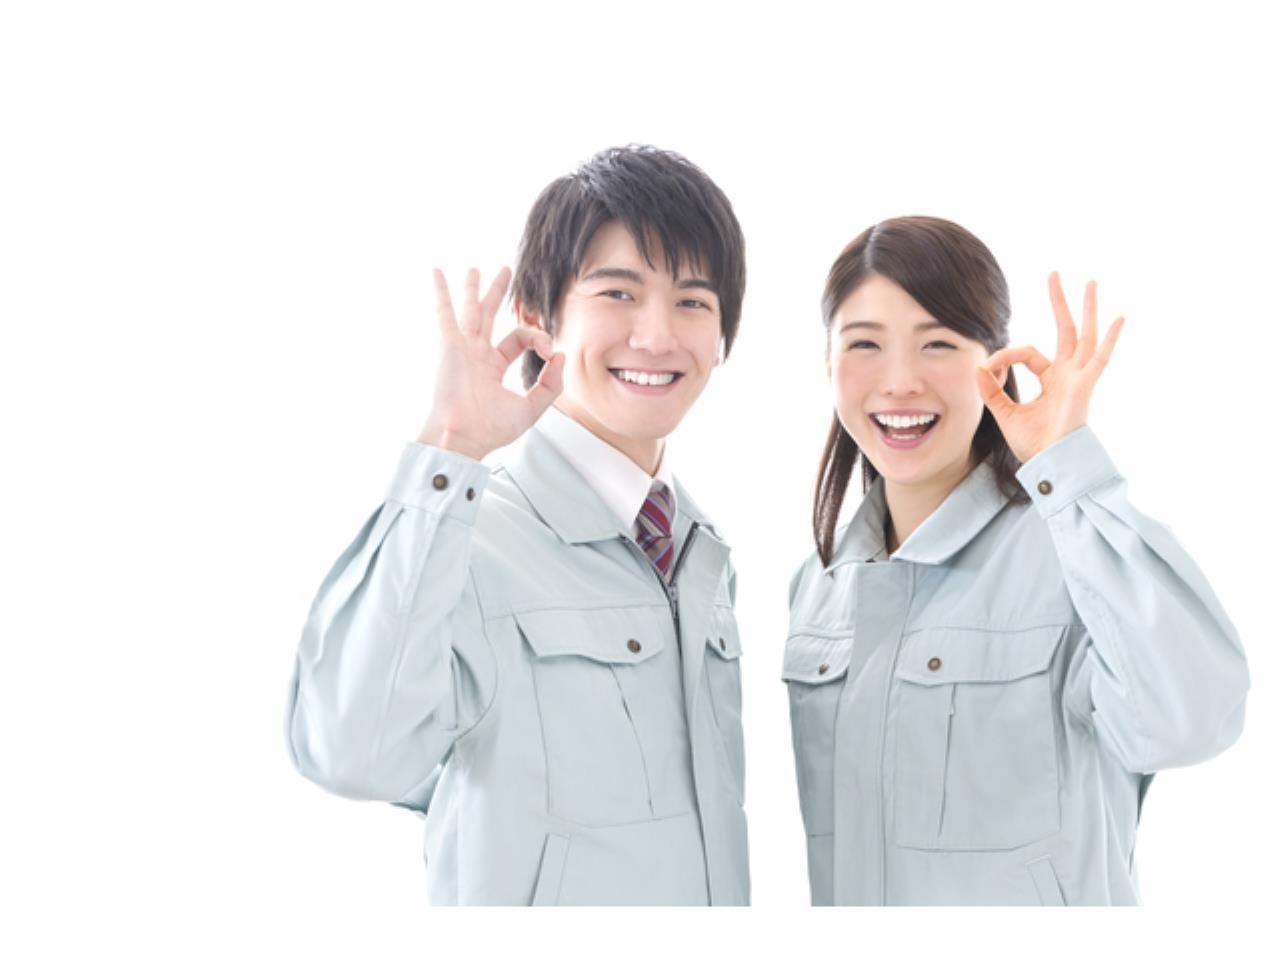 月給25万円以上の日配!福山~岡山間の4tルート定期便の配送業務